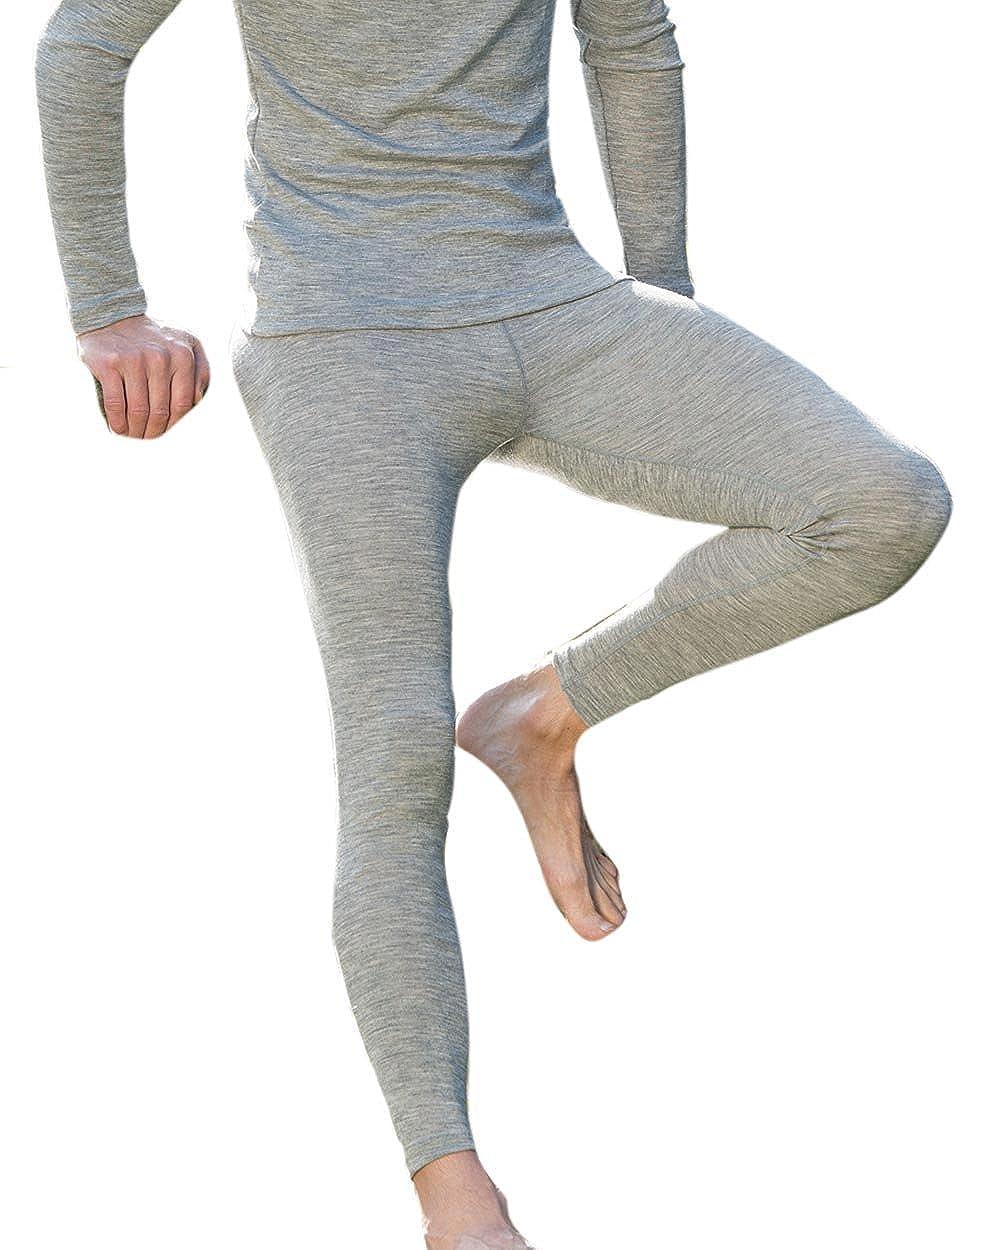 Engel, Men's Thermal Leggings, 70% Organic Merino Wool, 30% Silk Men's Thermal Leggings 701900